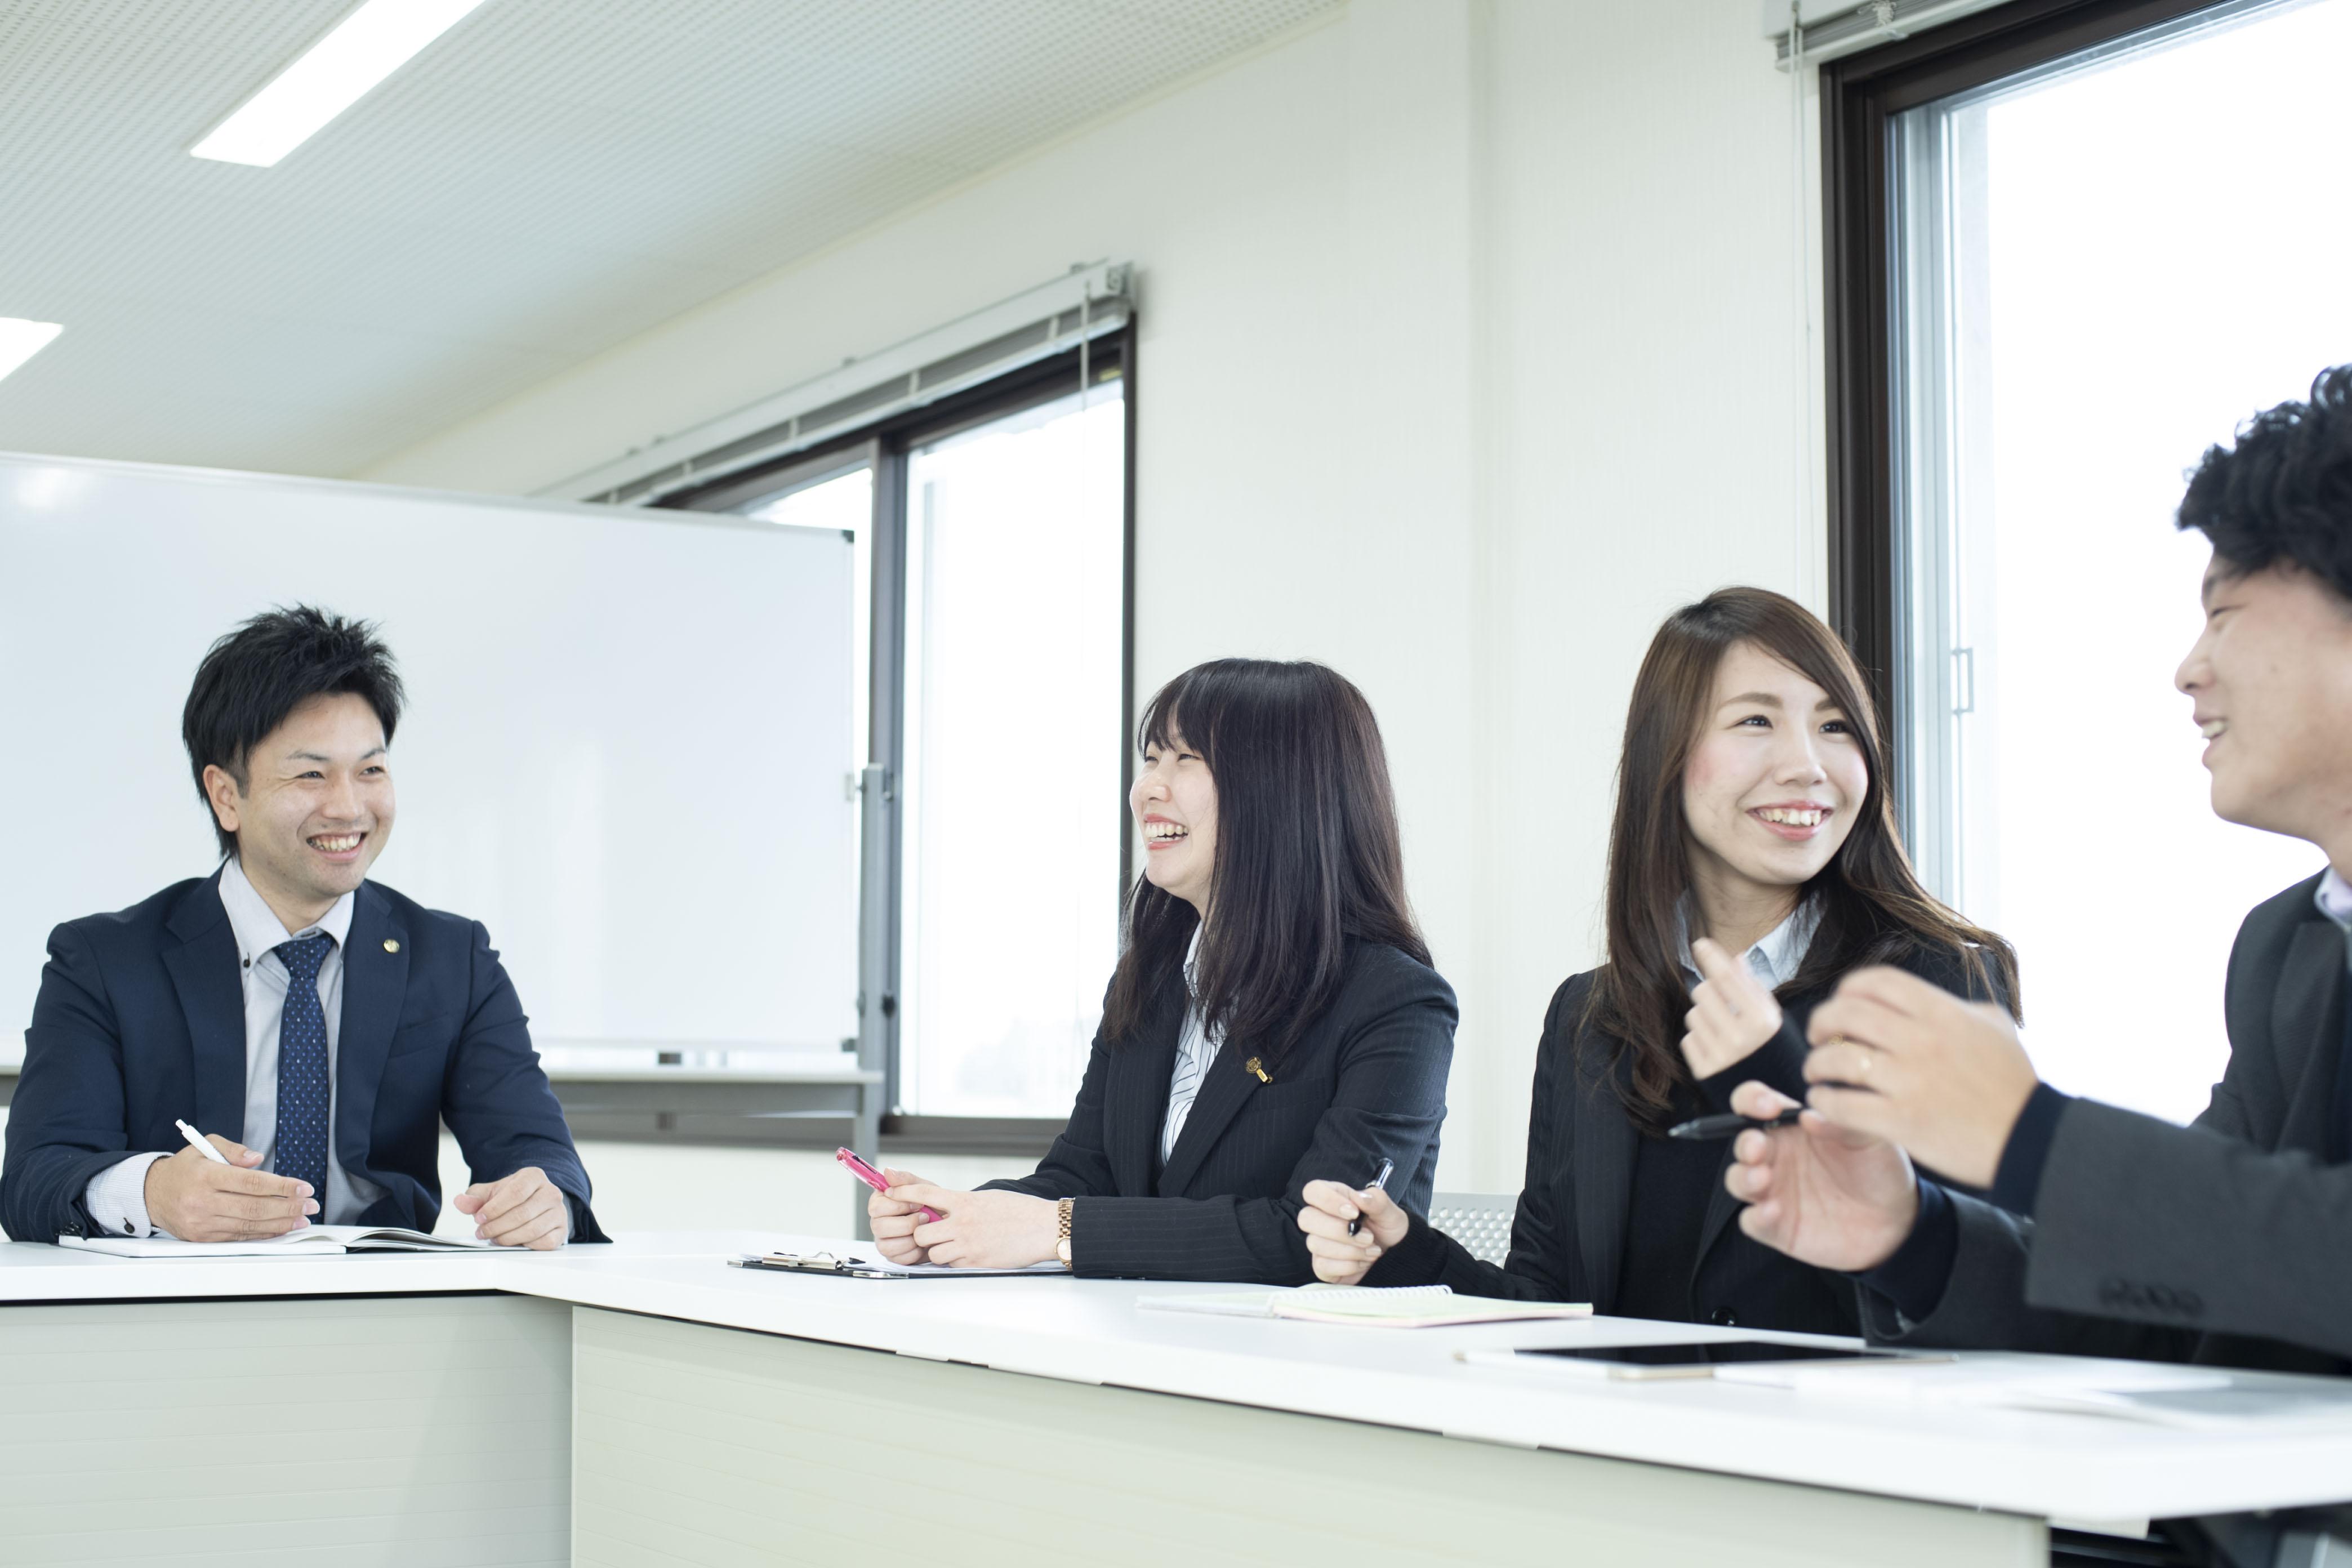 「従業員満足」をテーマに新制度を導入